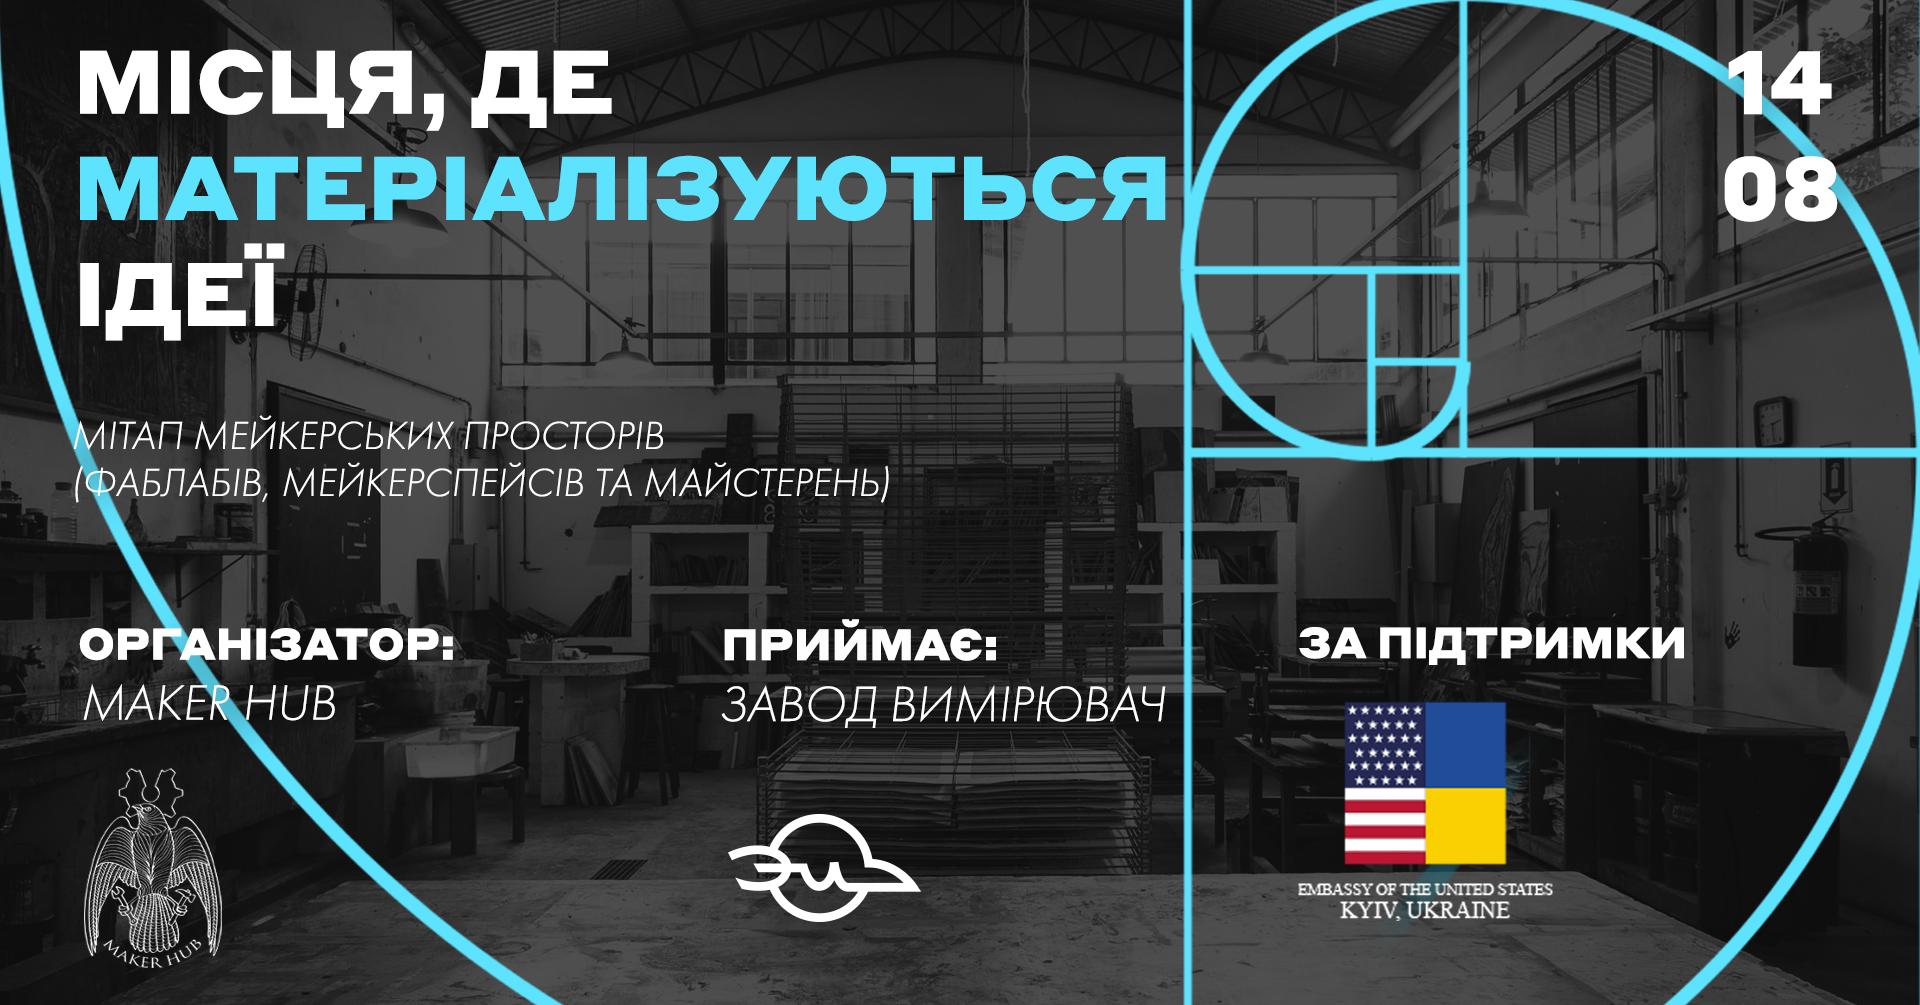 Зустріч керівників мейкерських просторів України